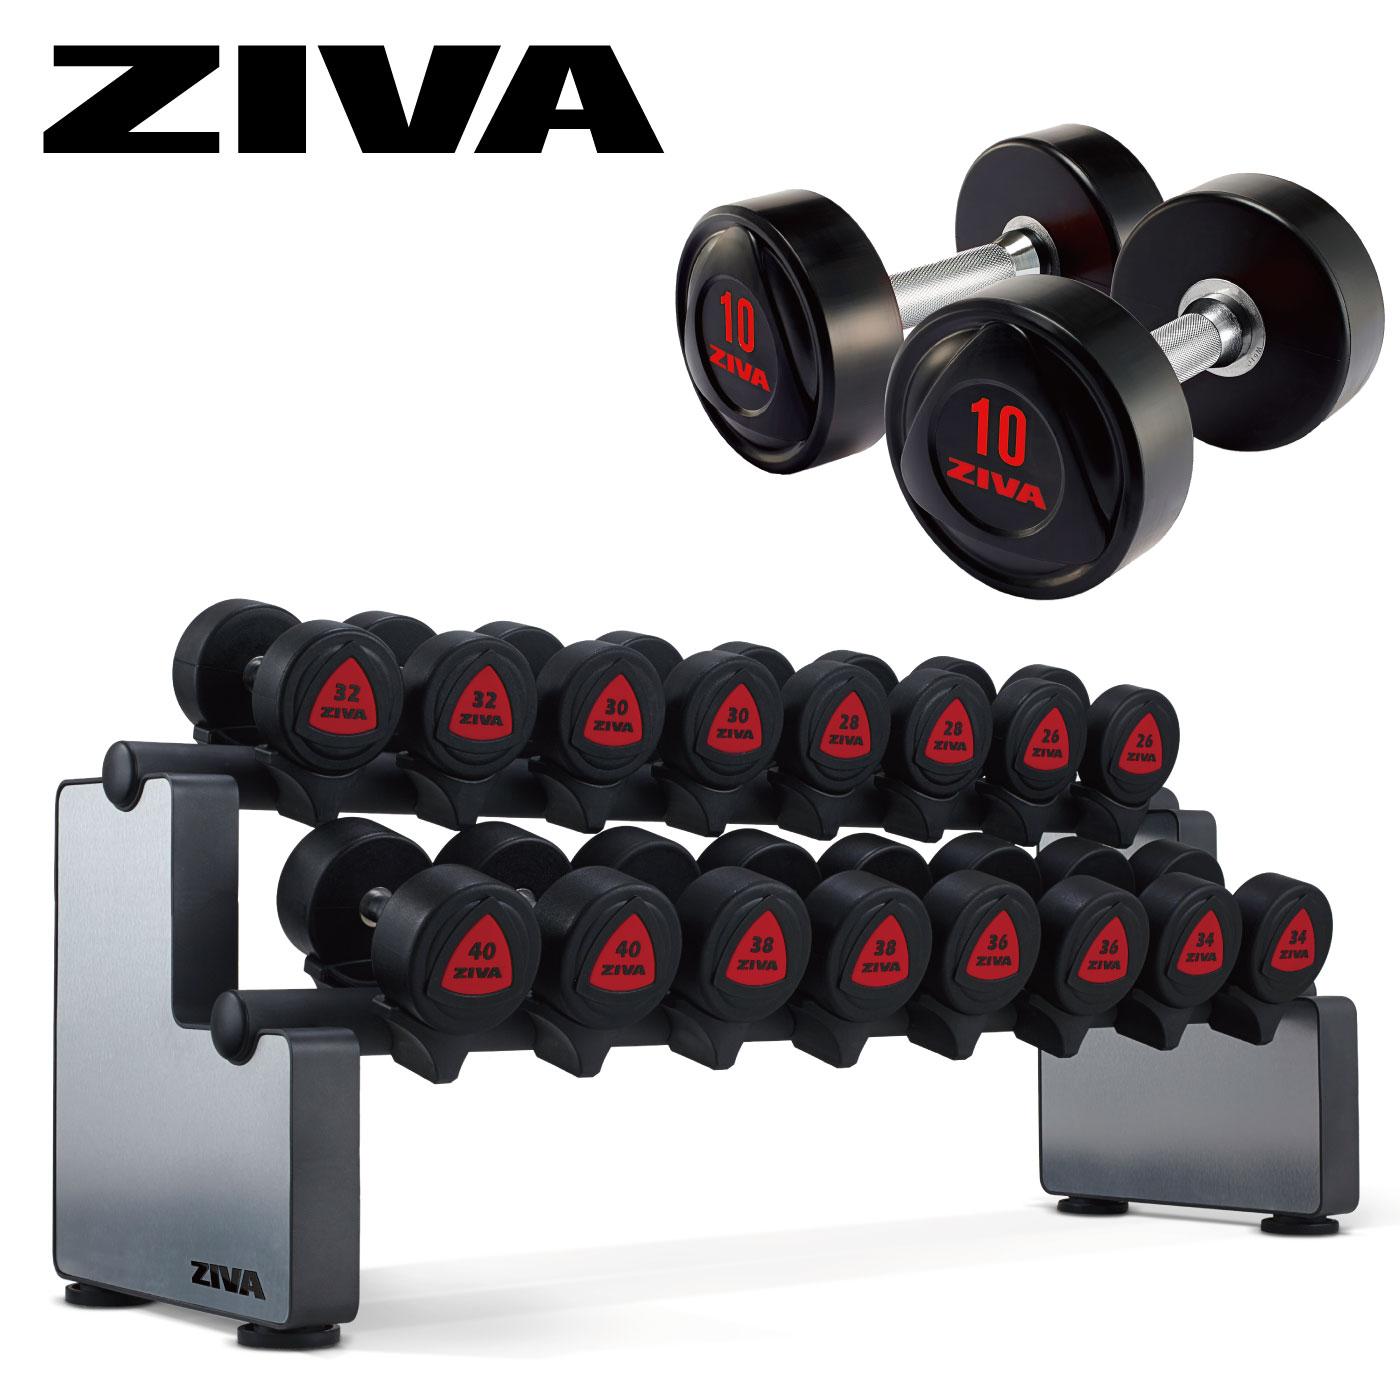 ラバーダンベル10ペア+ダンベルラックセット(5kg-50kg)/ダンベル・ラックセット〈業務用〉《ZIVA(ジーヴァ)》